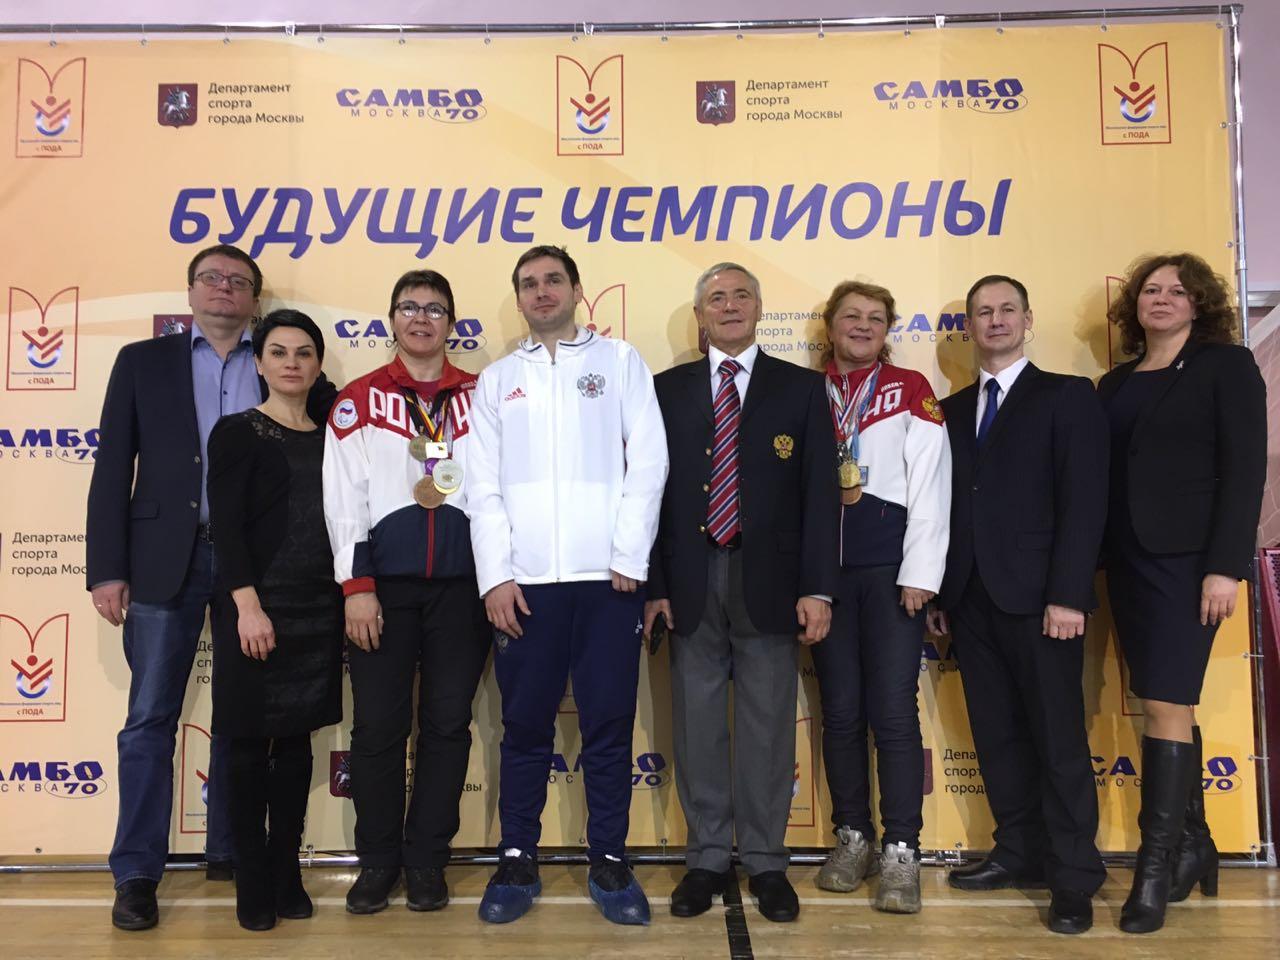 Московская Федерация спорта лиц с поражением ОДА при поддержке Департамента спорта г. Москвы провели Городские соревнования по плаванию для детей с поражением ОДА «Будущие чемпионы»